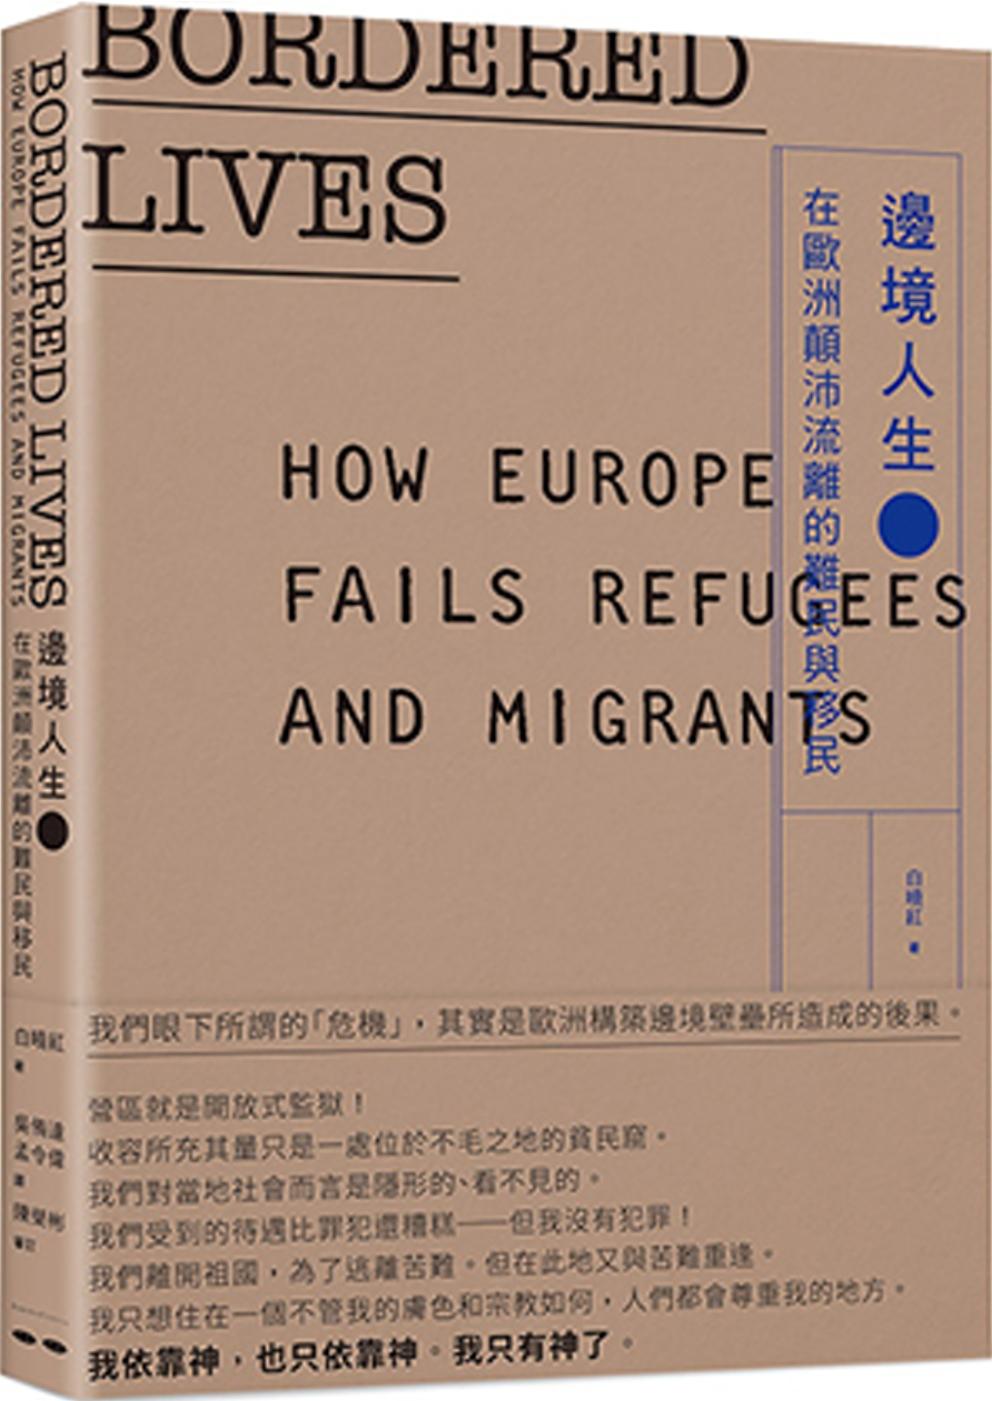 邊境人生:在歐洲顛沛流離的難民...